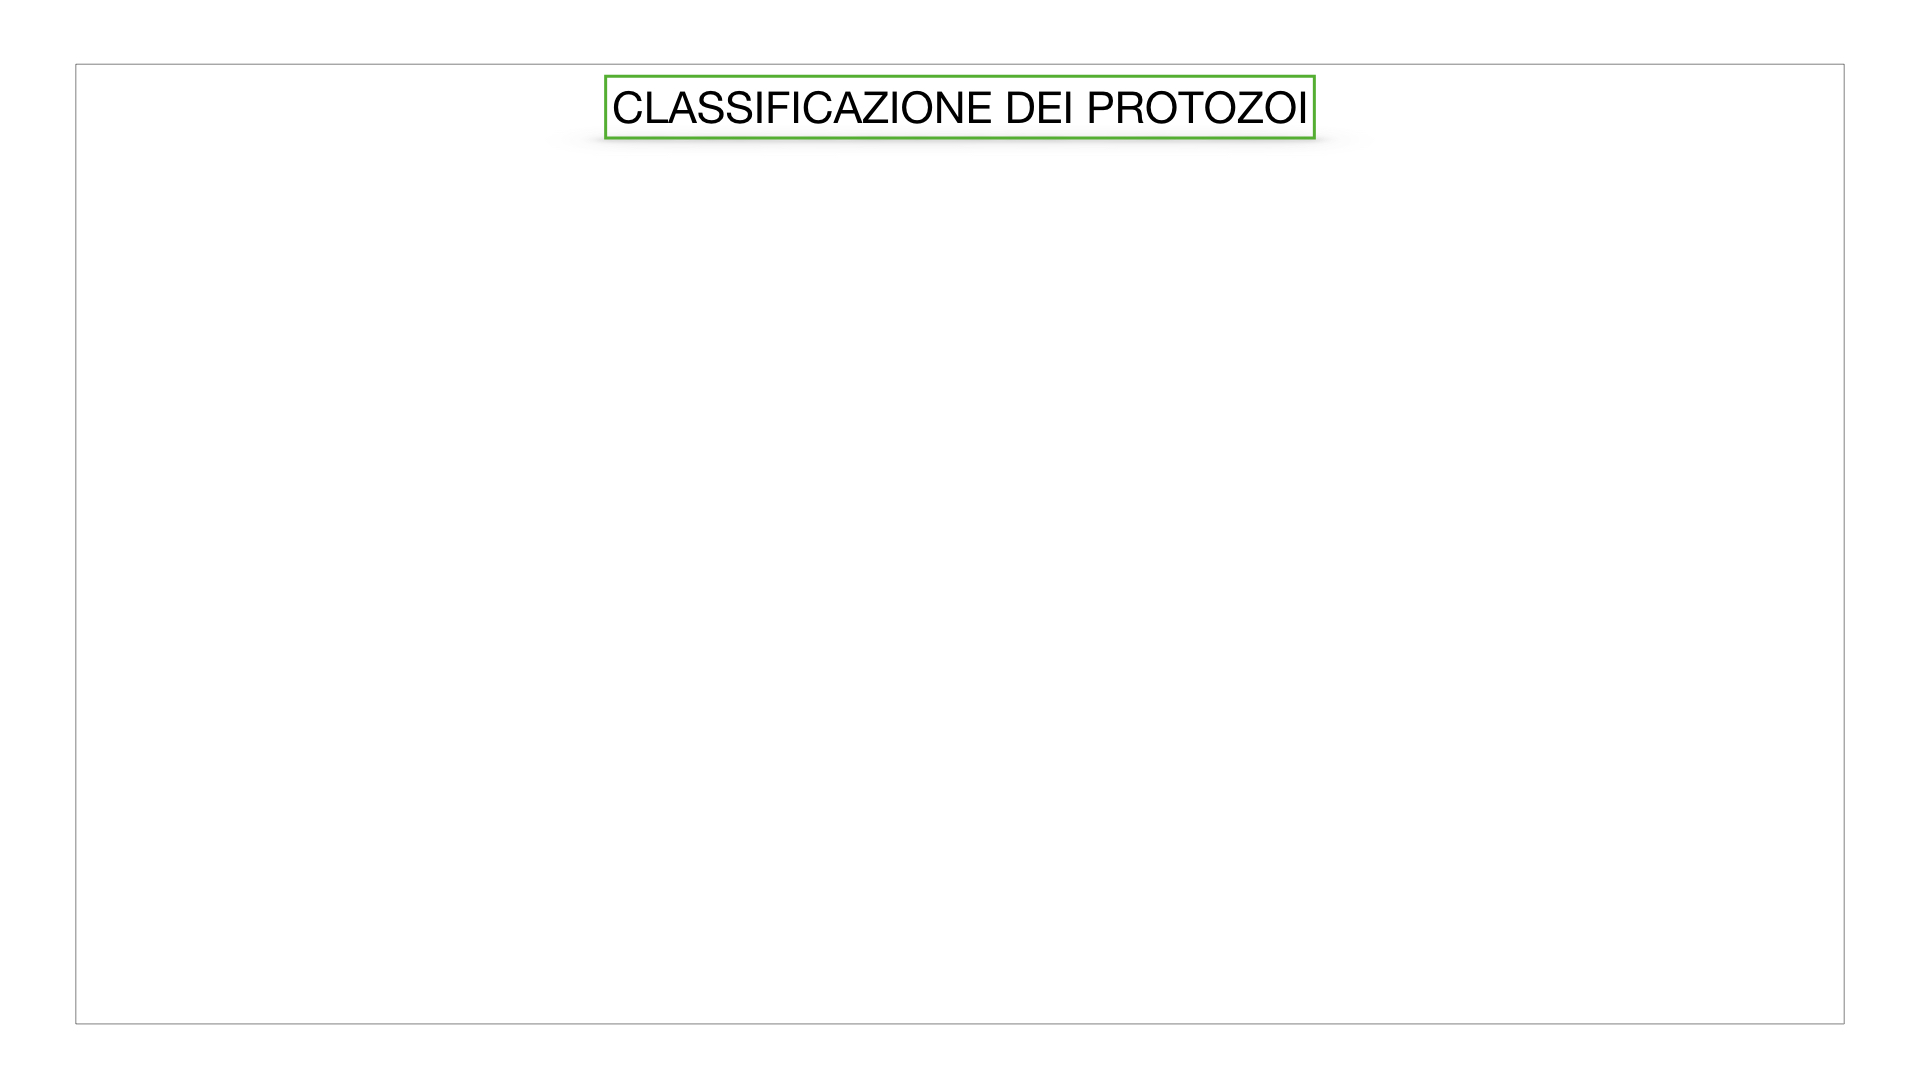 6. PROTOZOI_classificazione_SIMULAZIONE.027